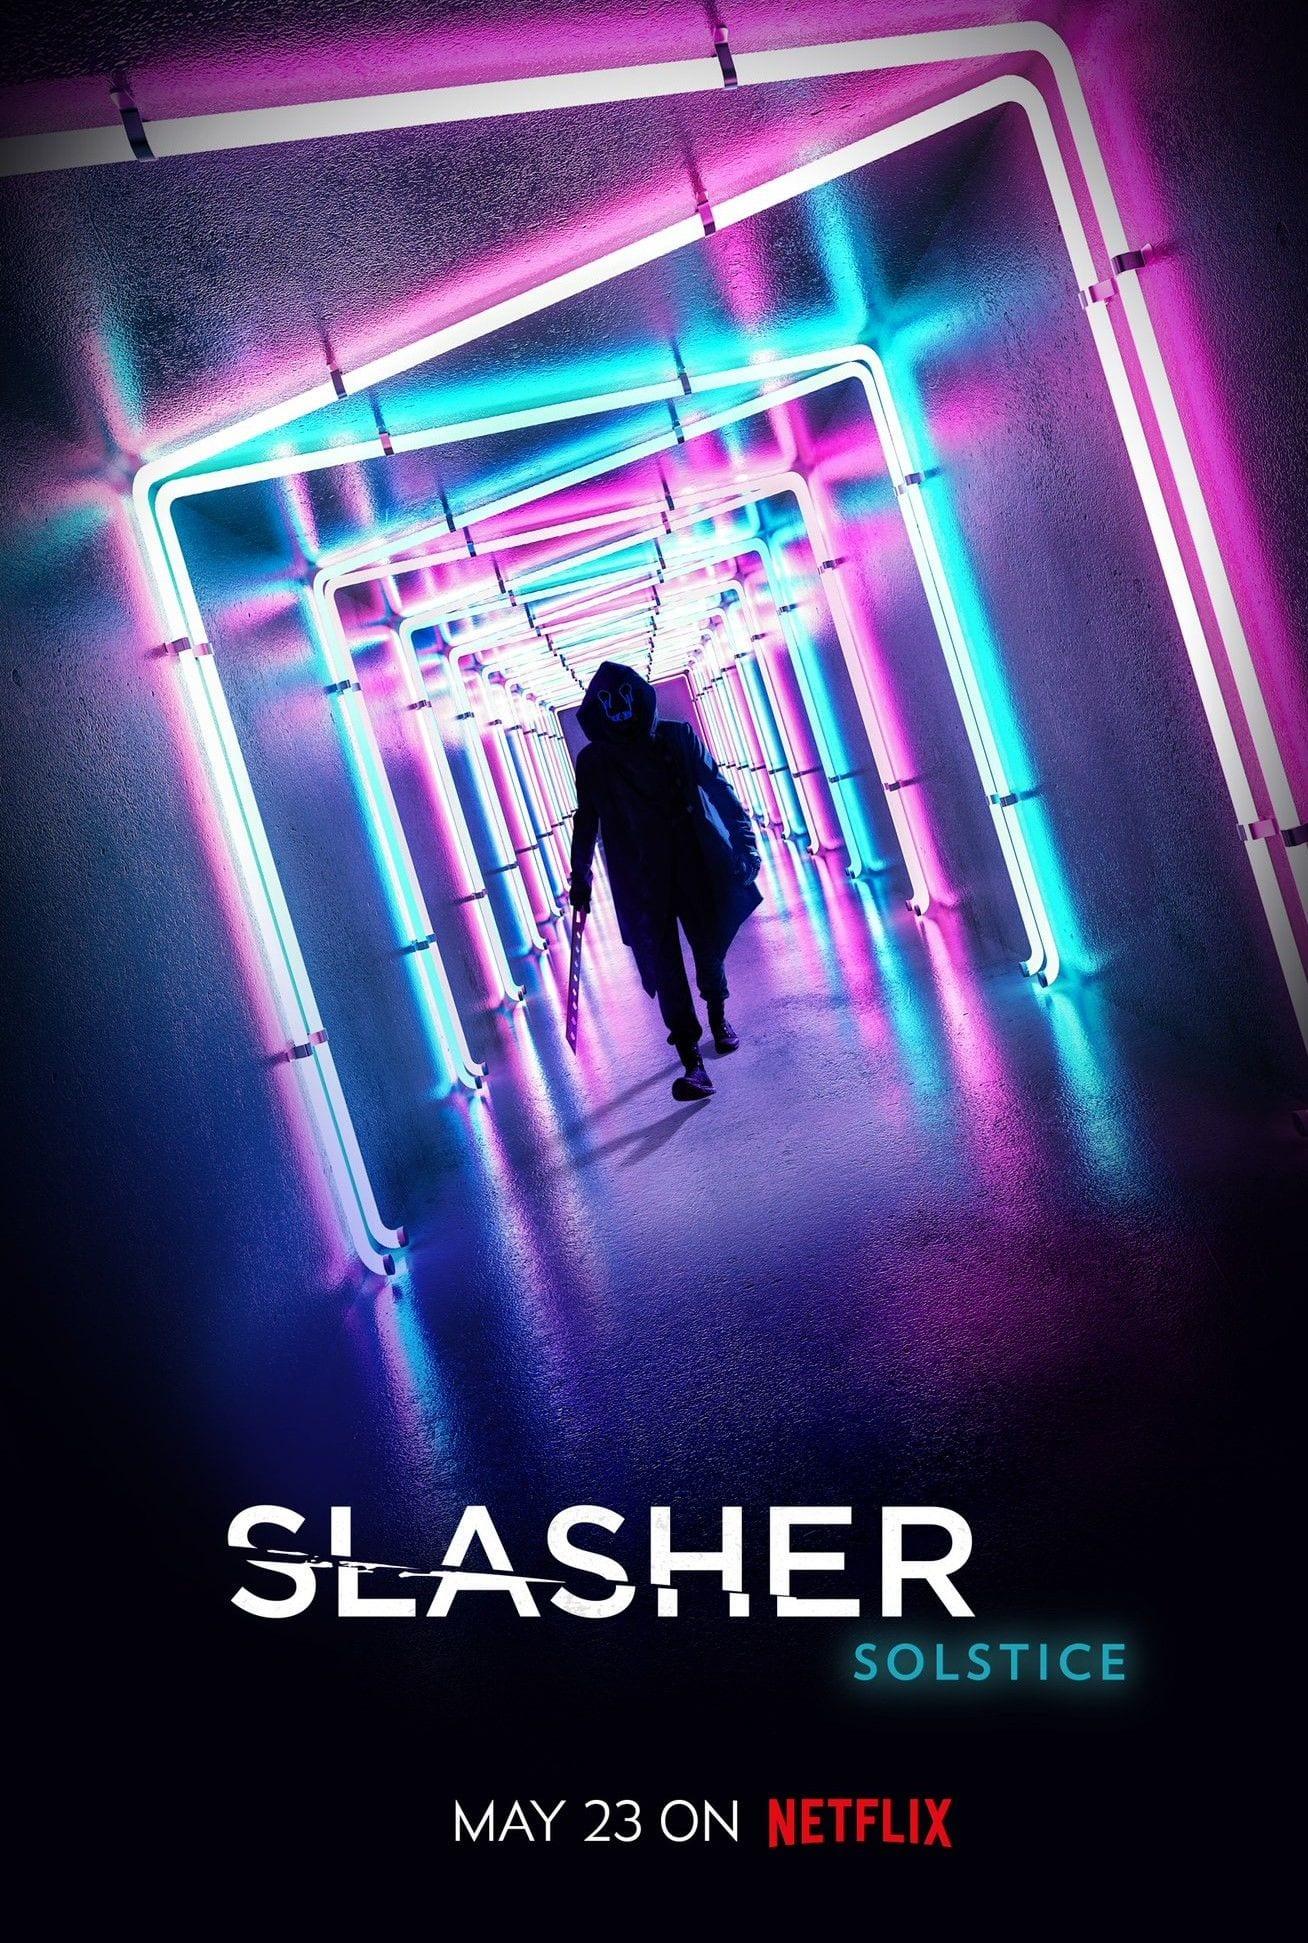 Slasher teaser image